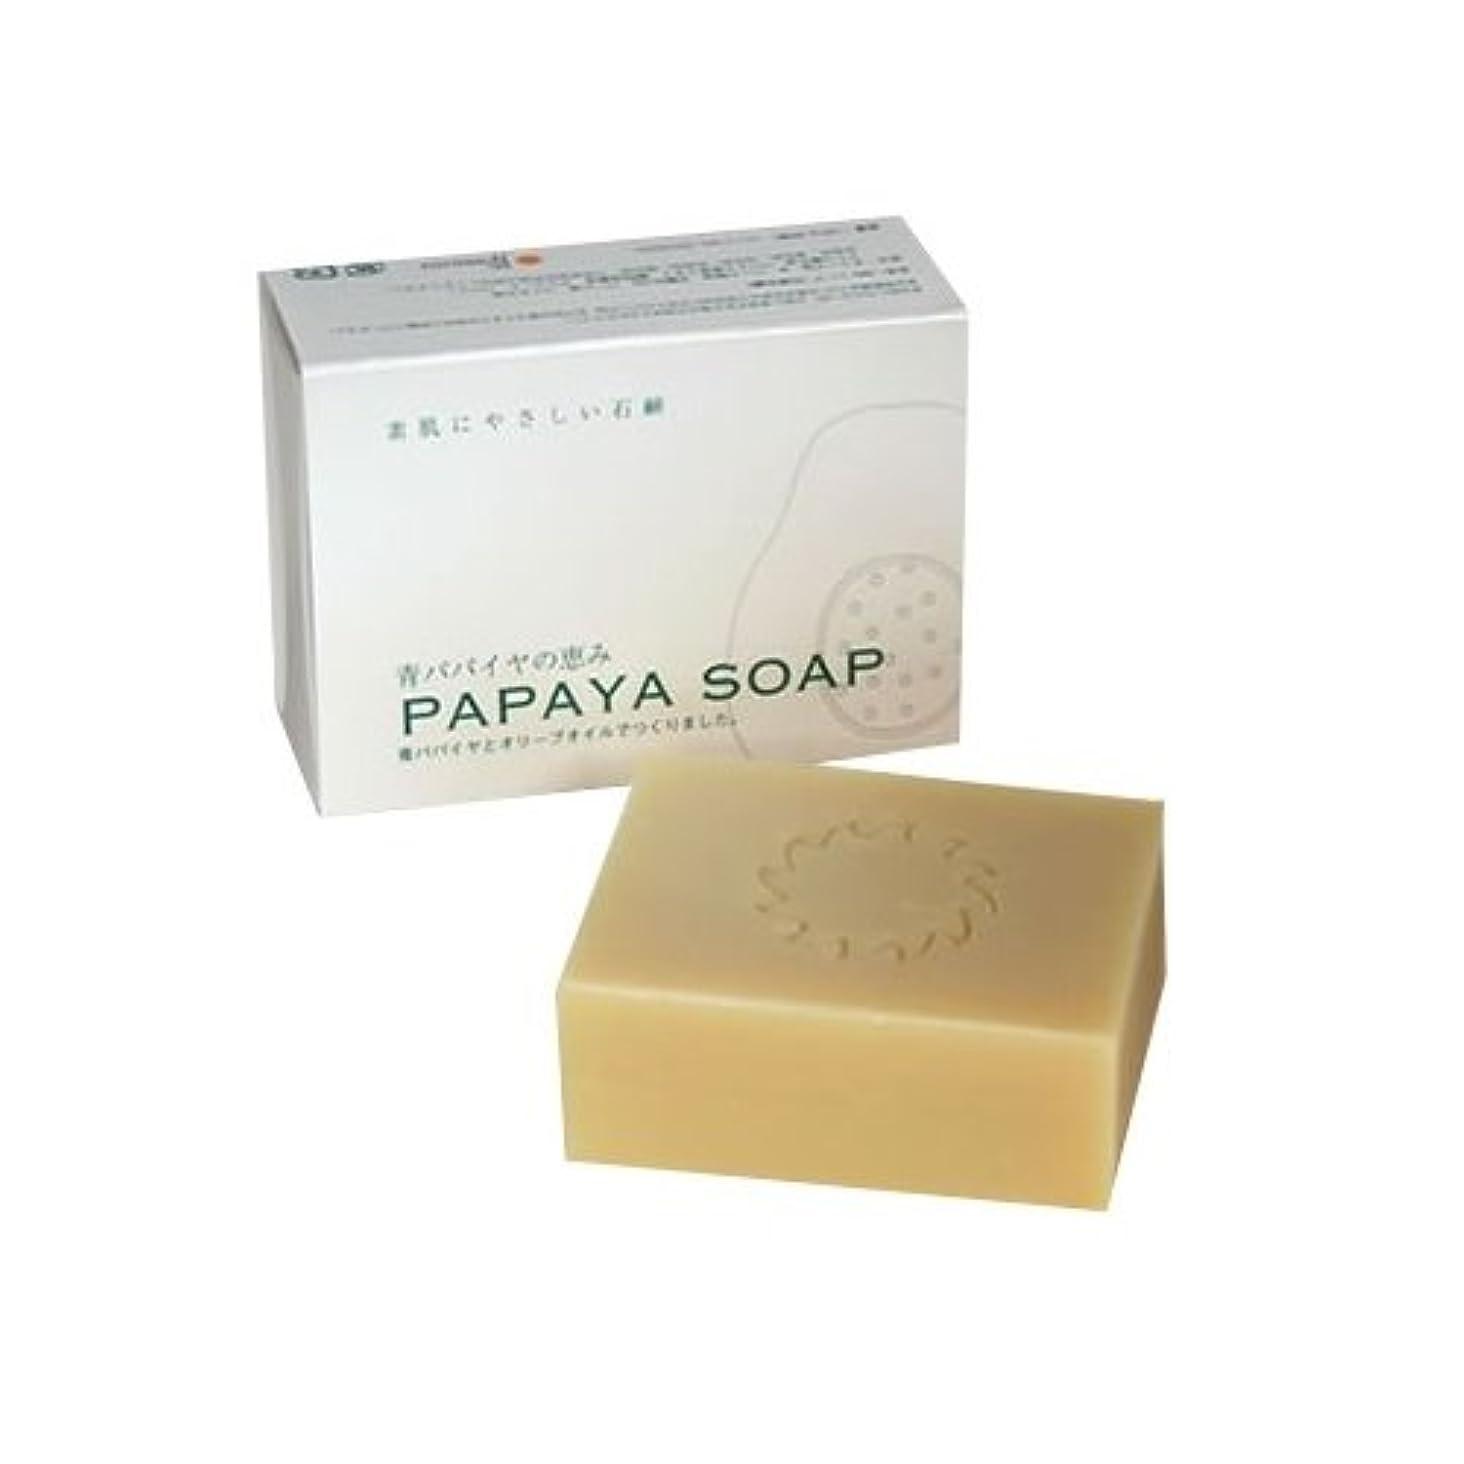 乳レンダー火炎青パパイヤの恵み PAPAYA SOAP(パパイヤソープ) 100g